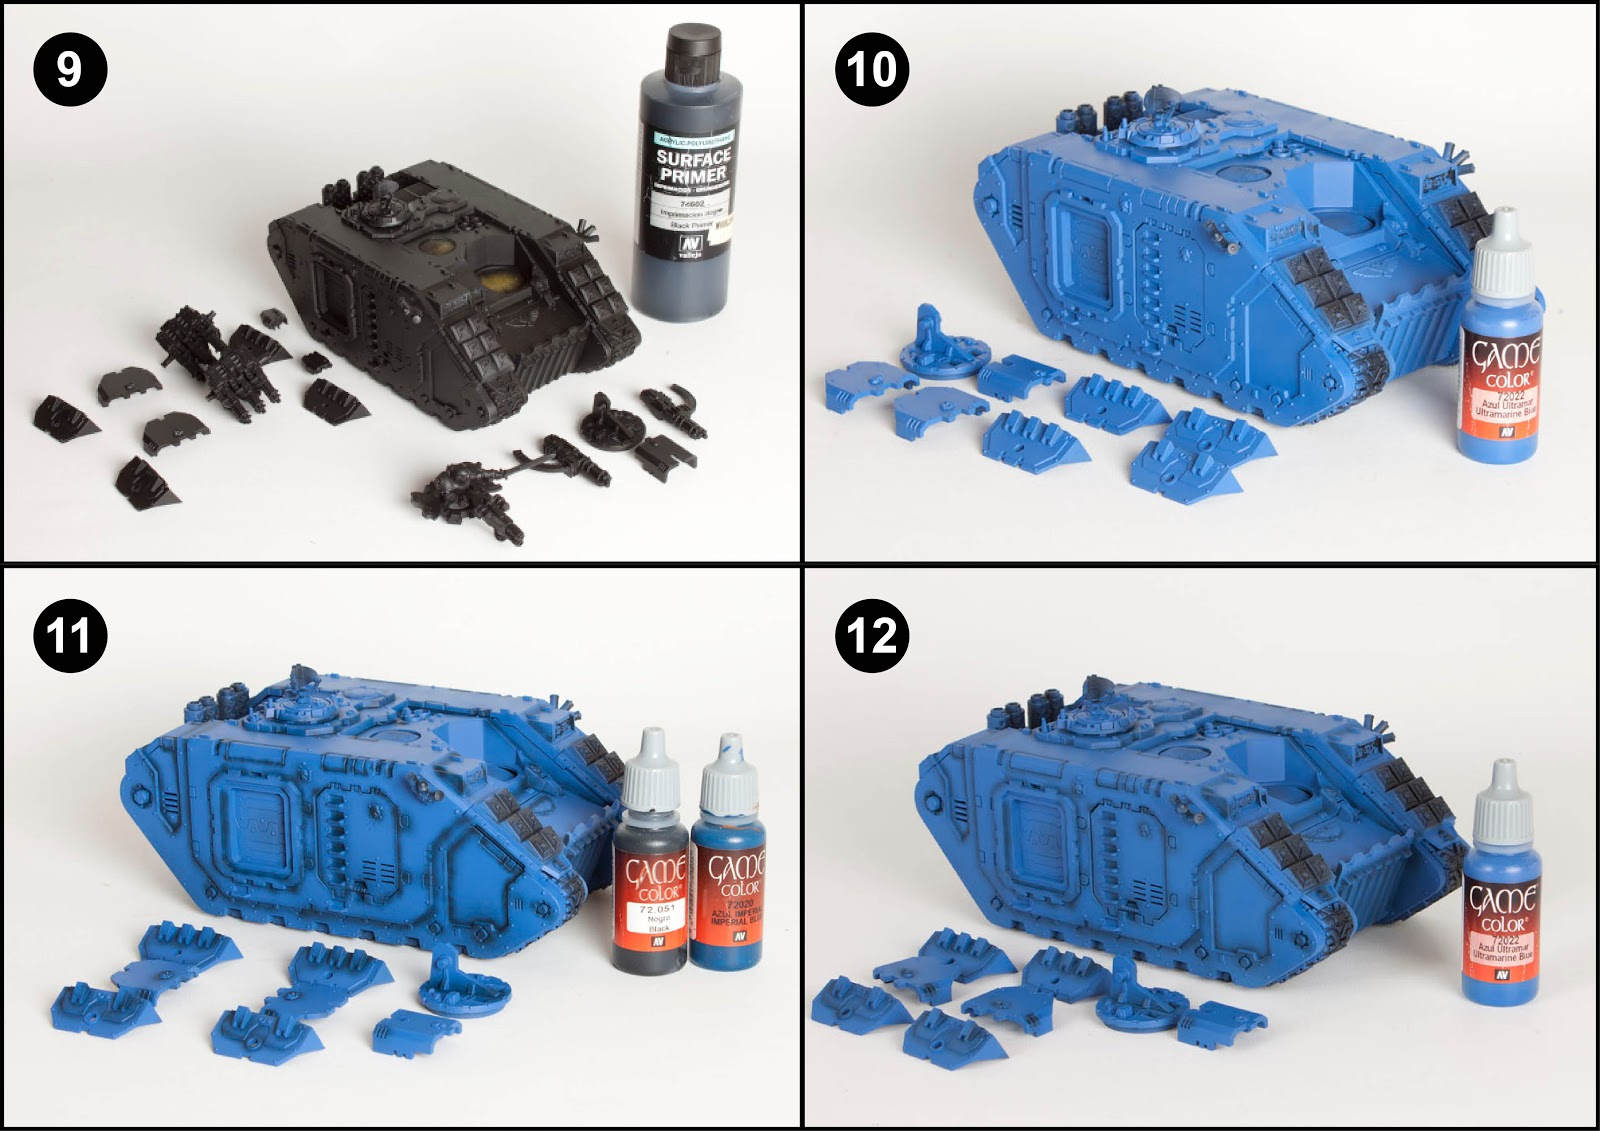 Using Guilliman Blue Paint